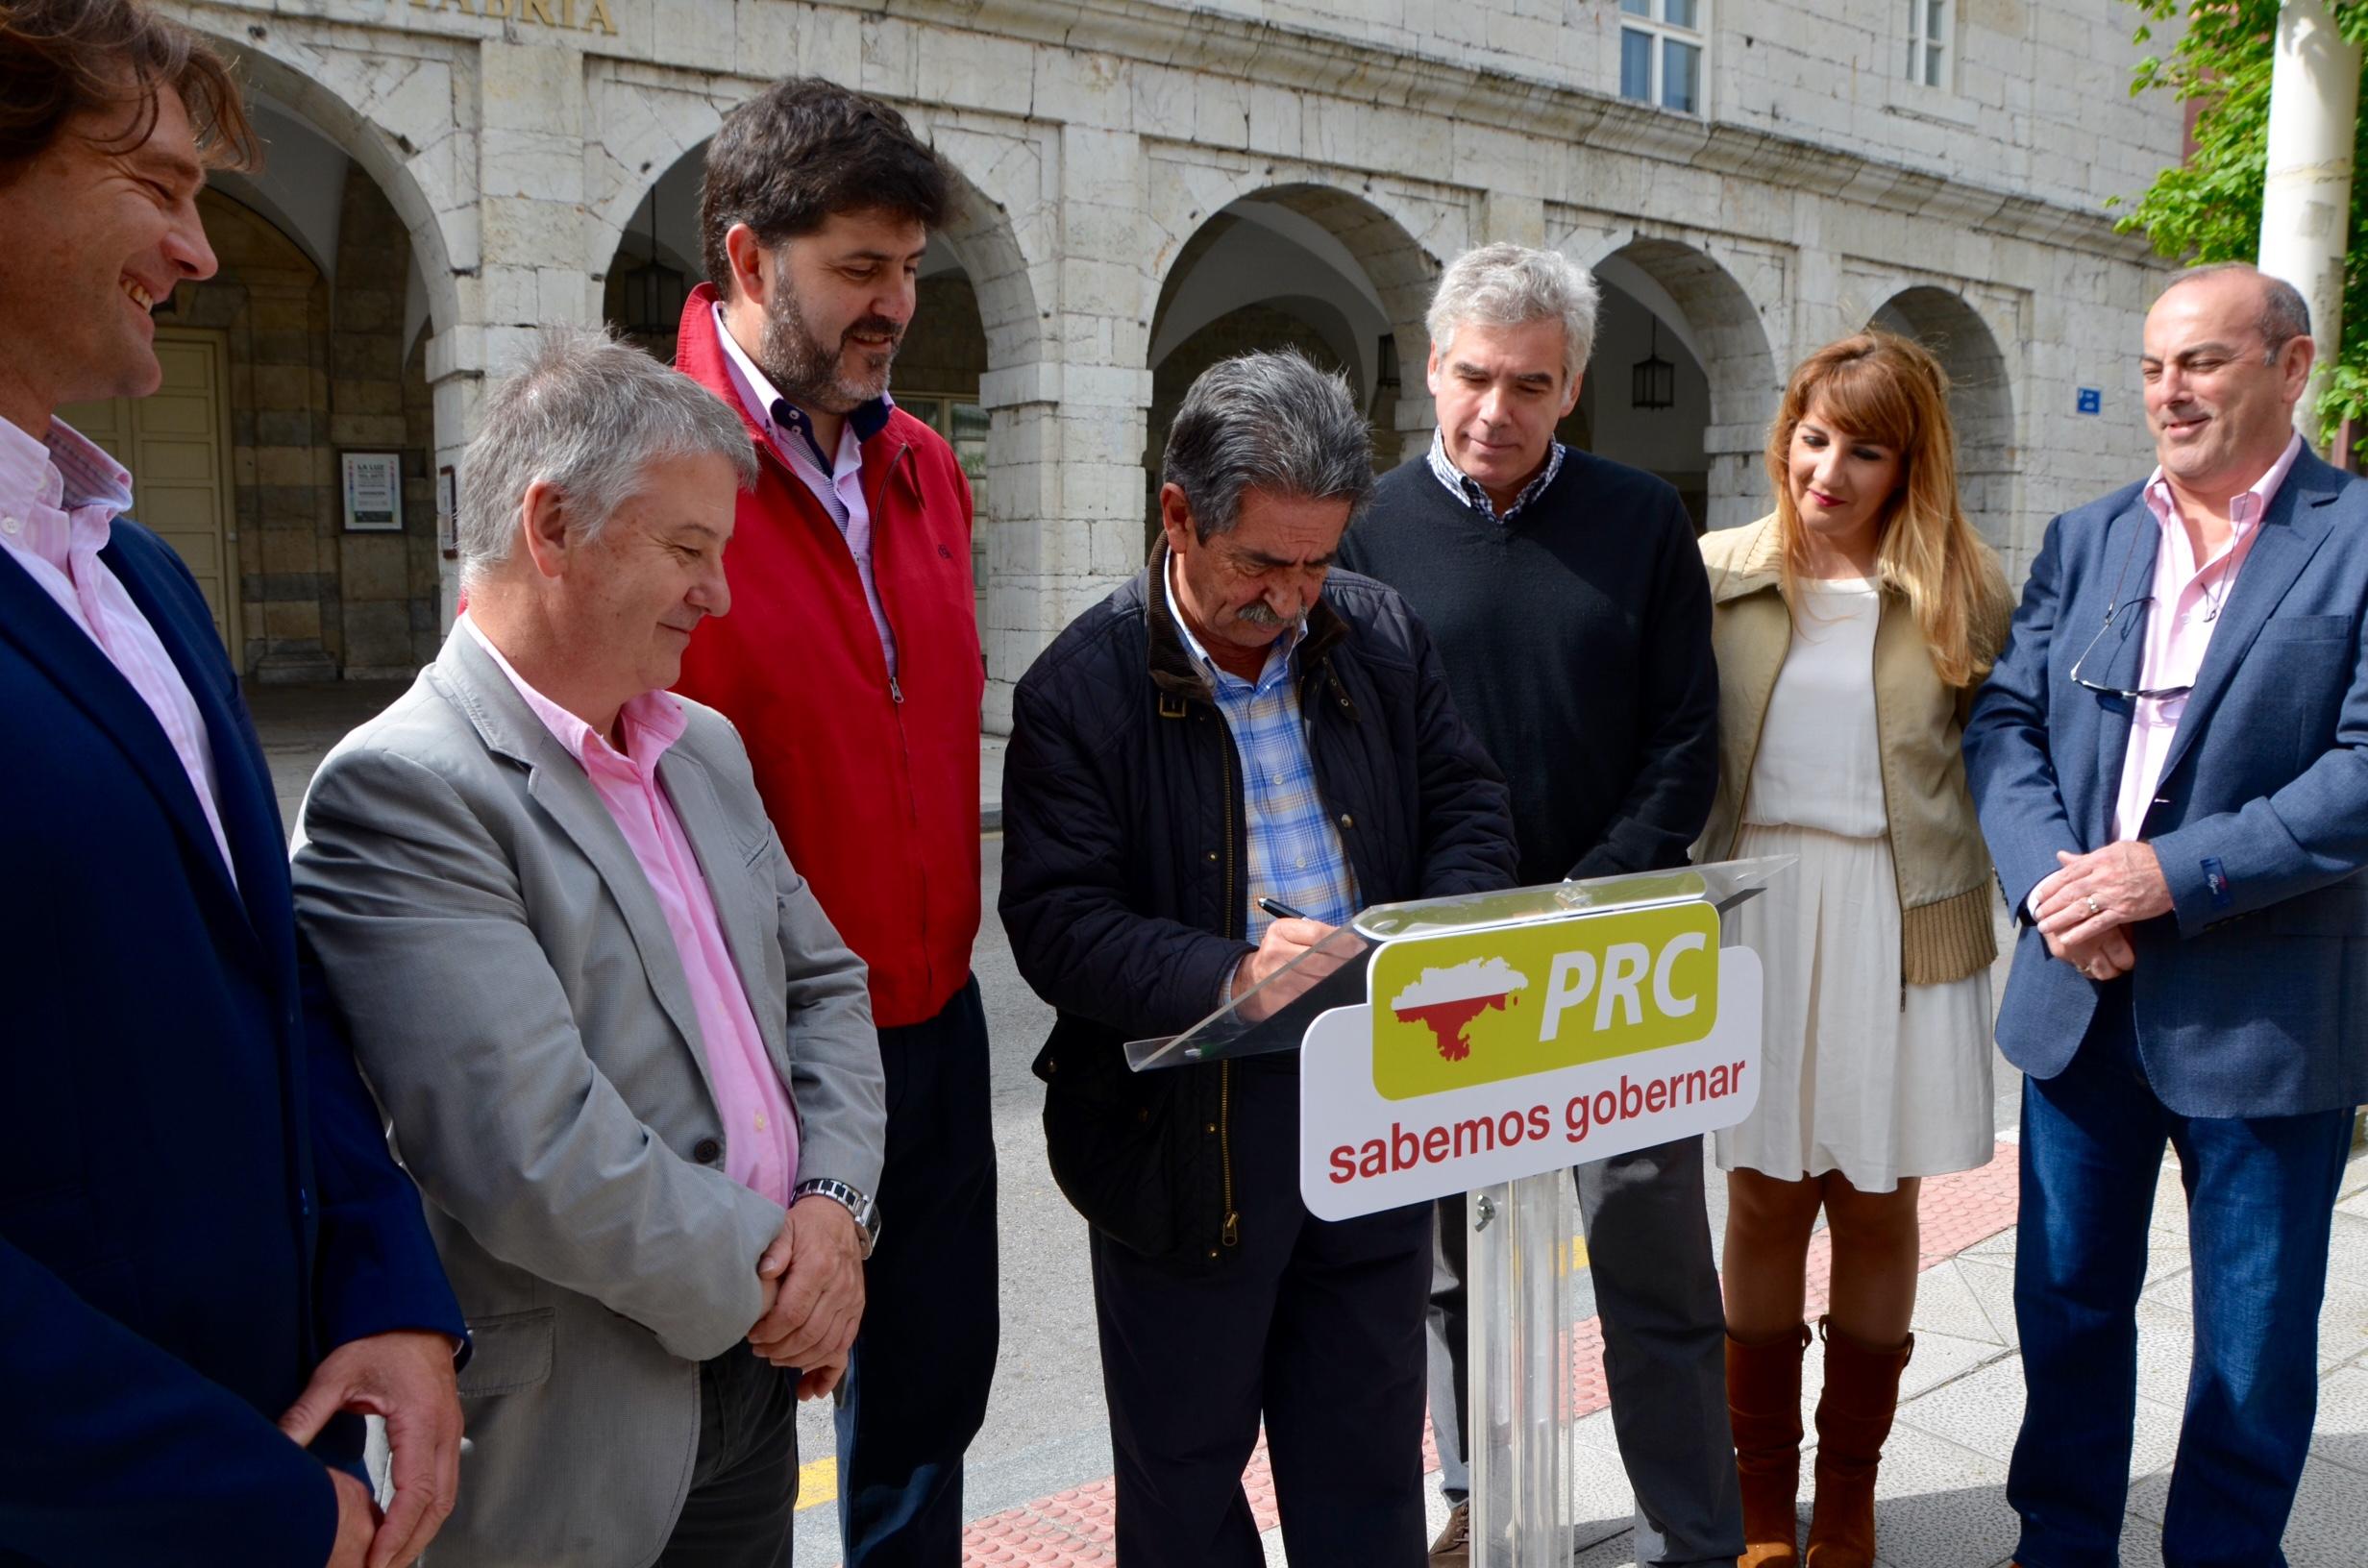 El PRC en un acto de campaña este fin de semana